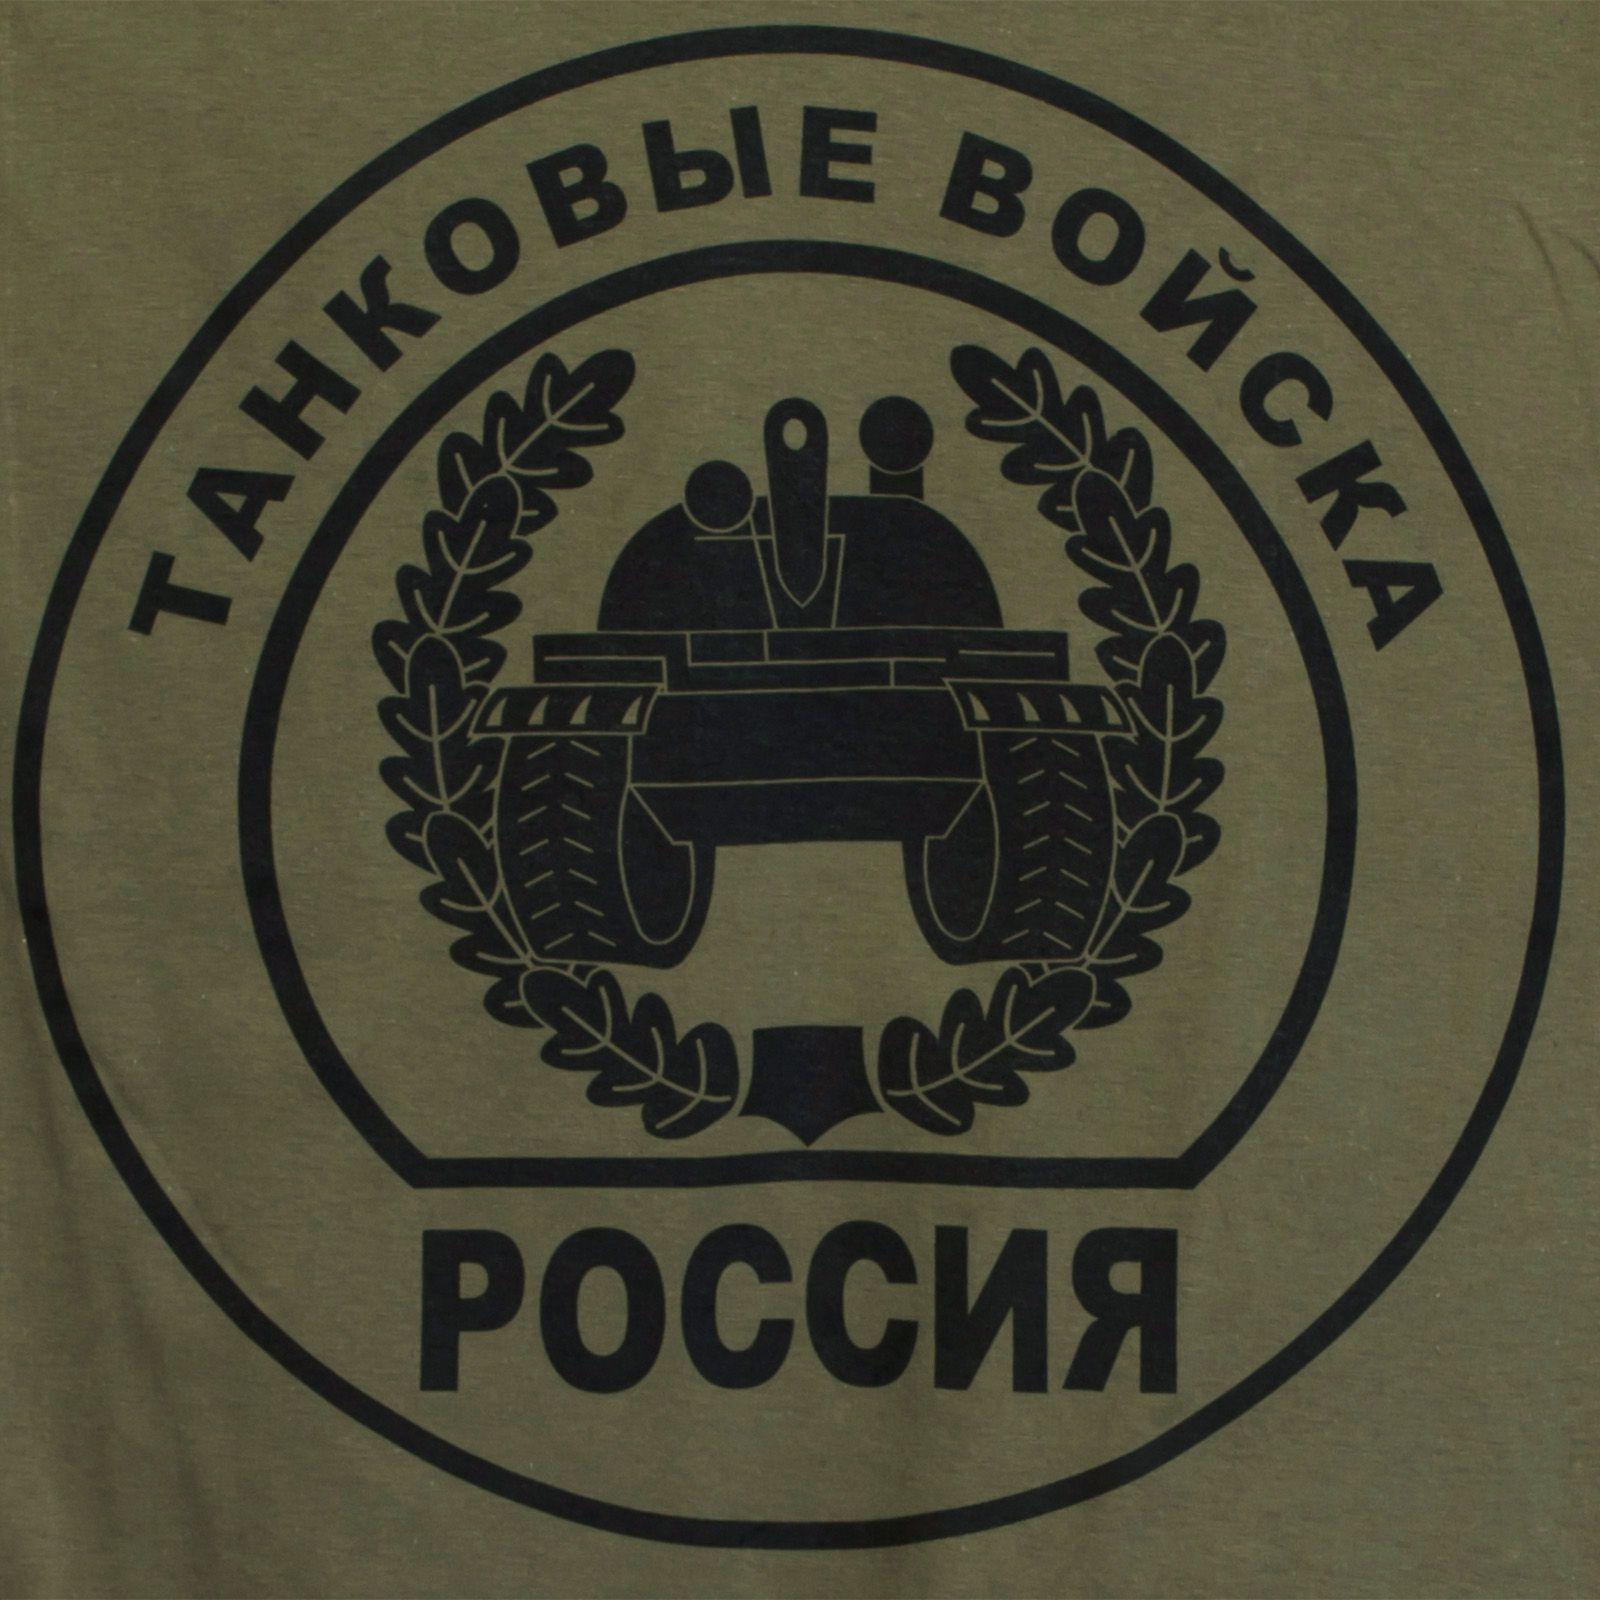 Футболка с эмблемой Танковых войск - цвет хаки